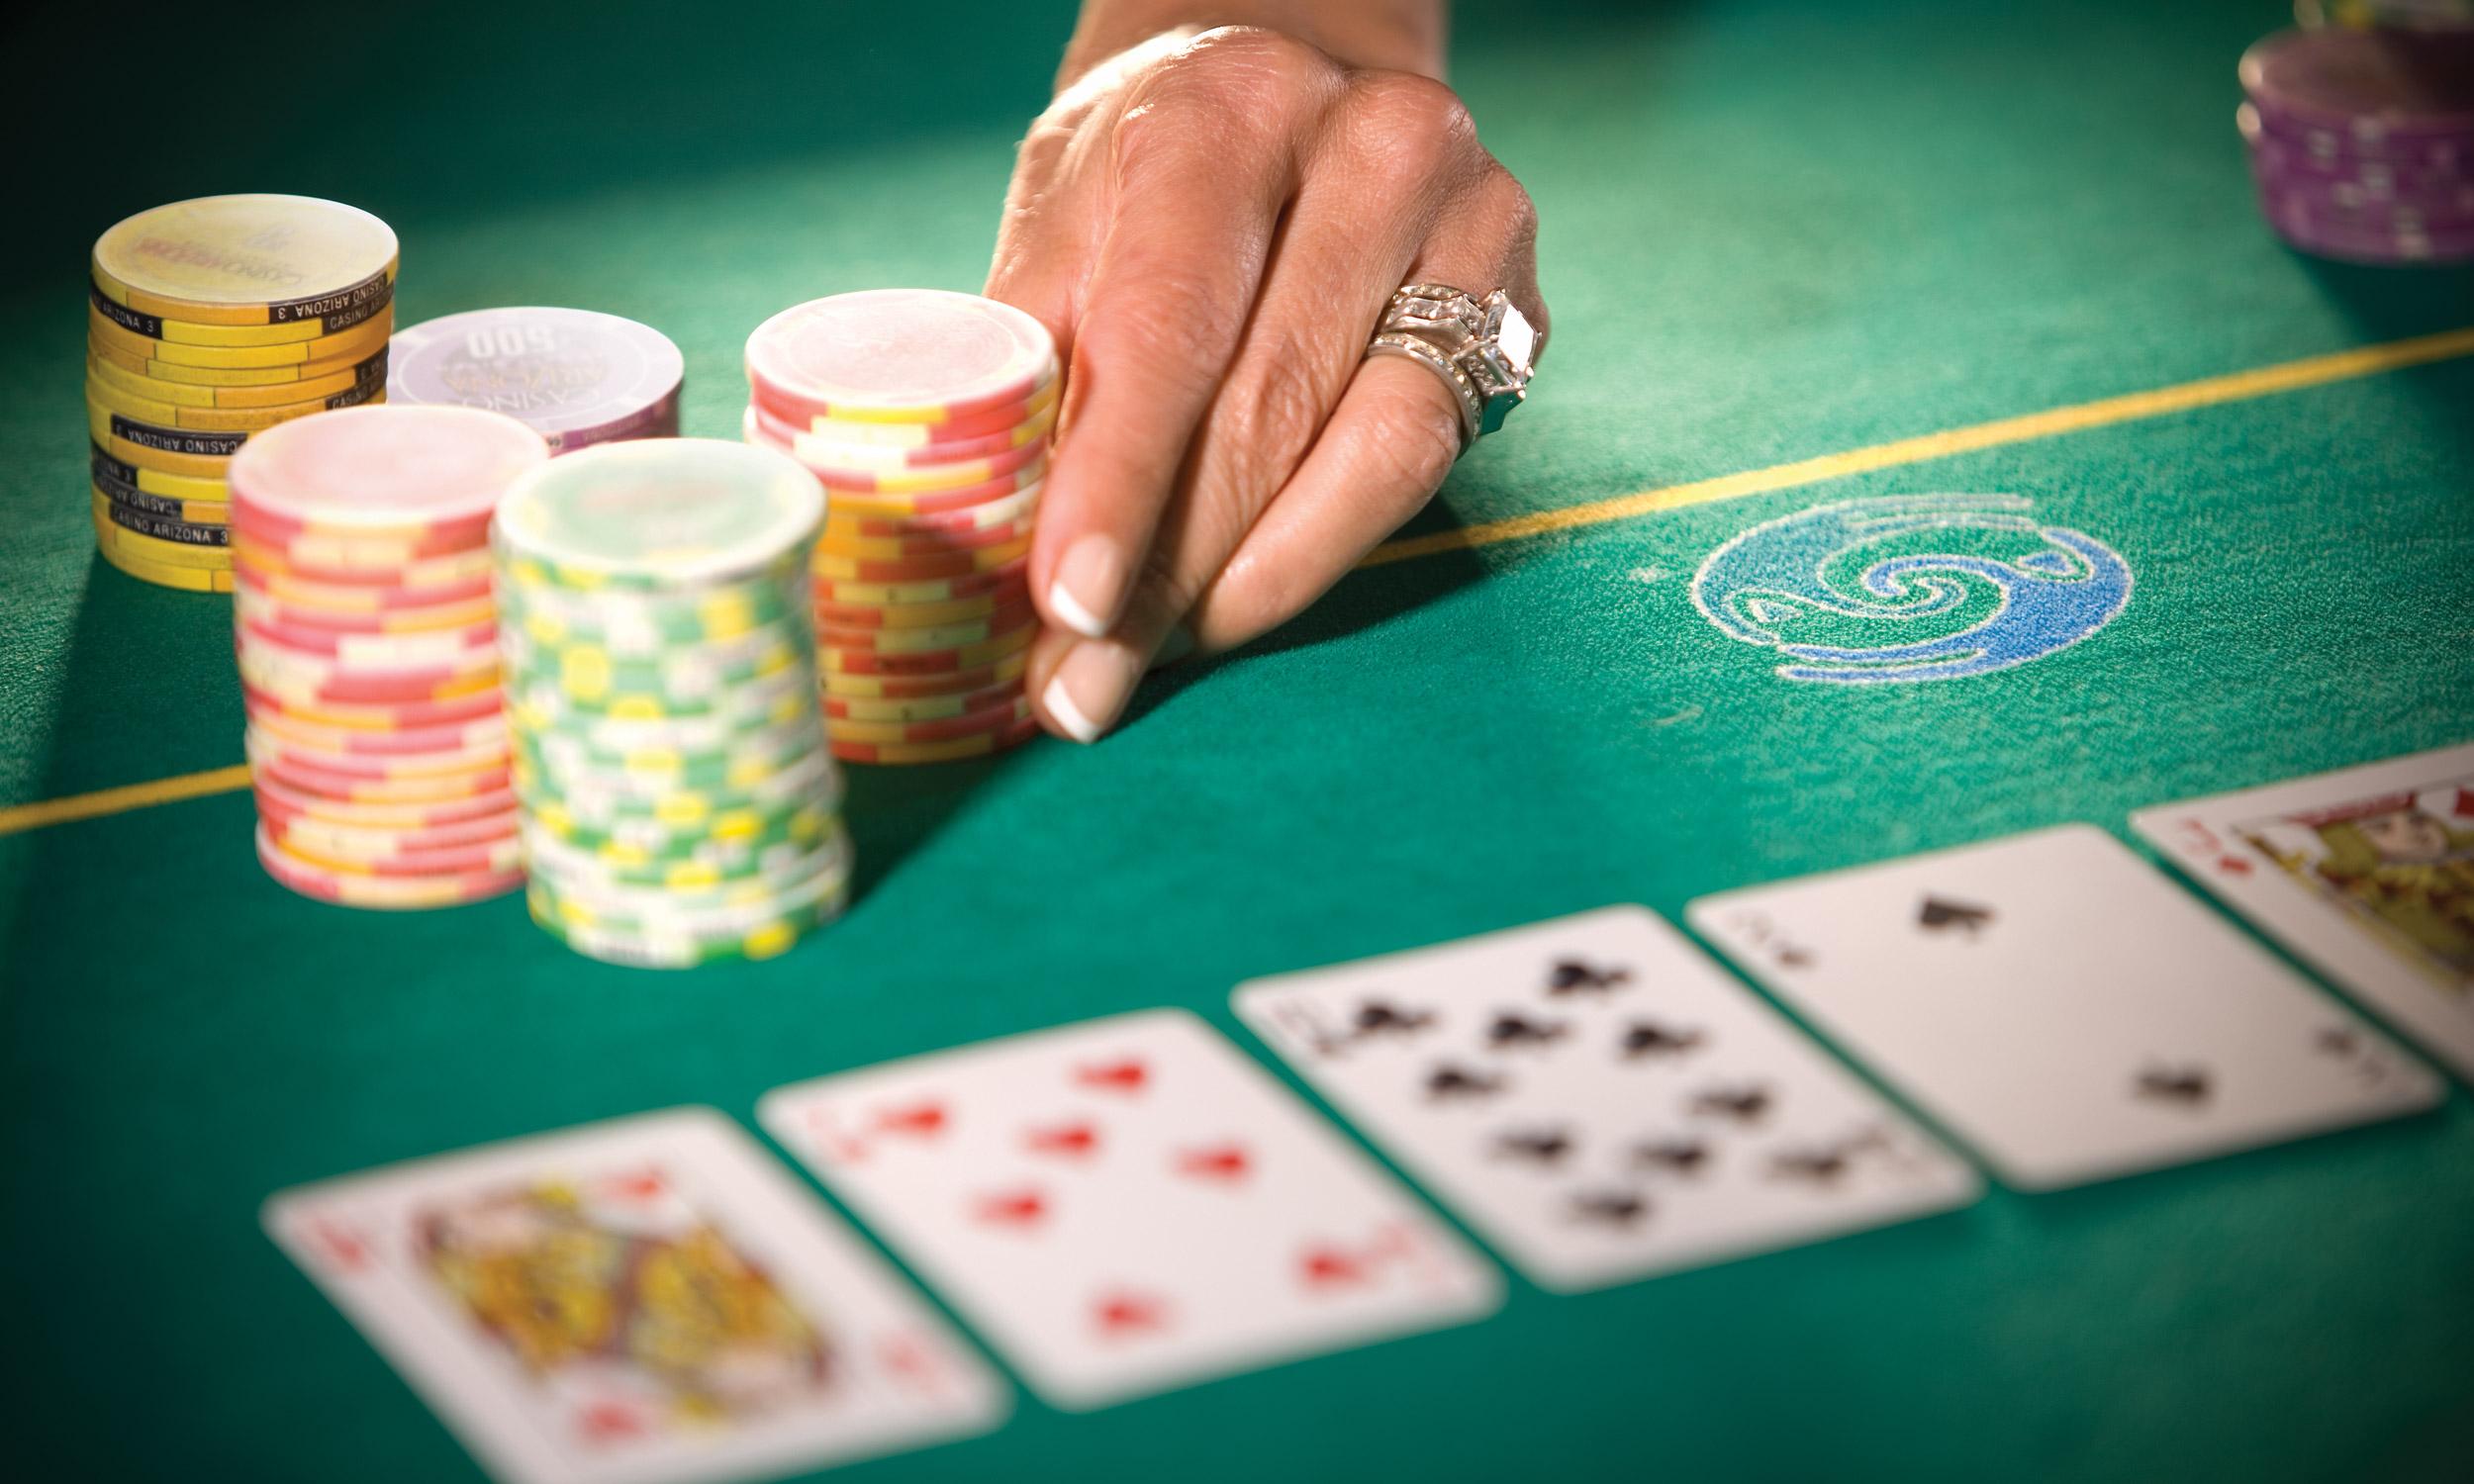 Mendapatkan Jackpot Terbesar Dalam Permainan poker online